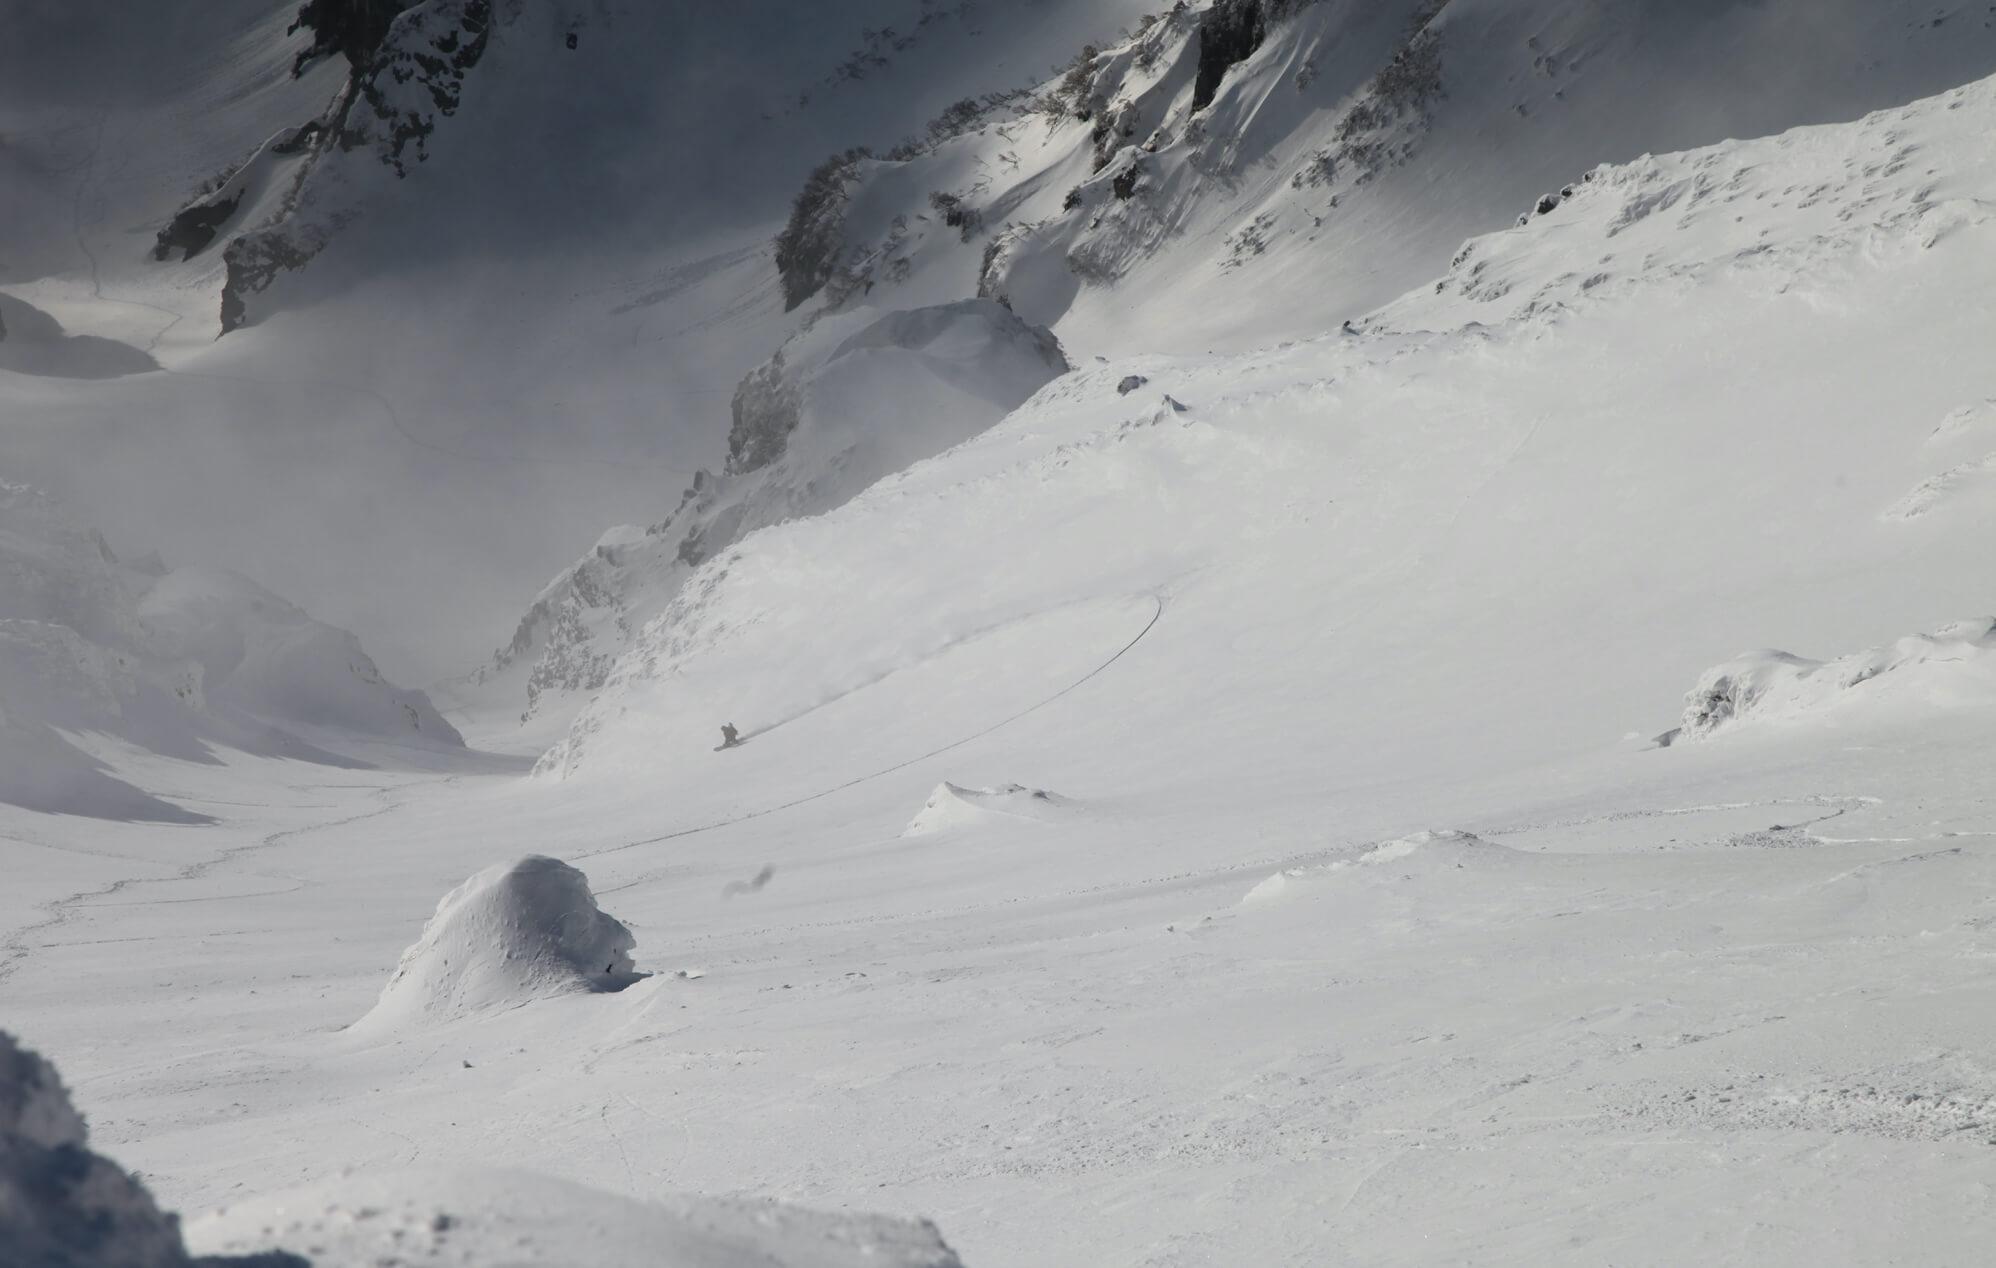 スノーボード デスレーベル